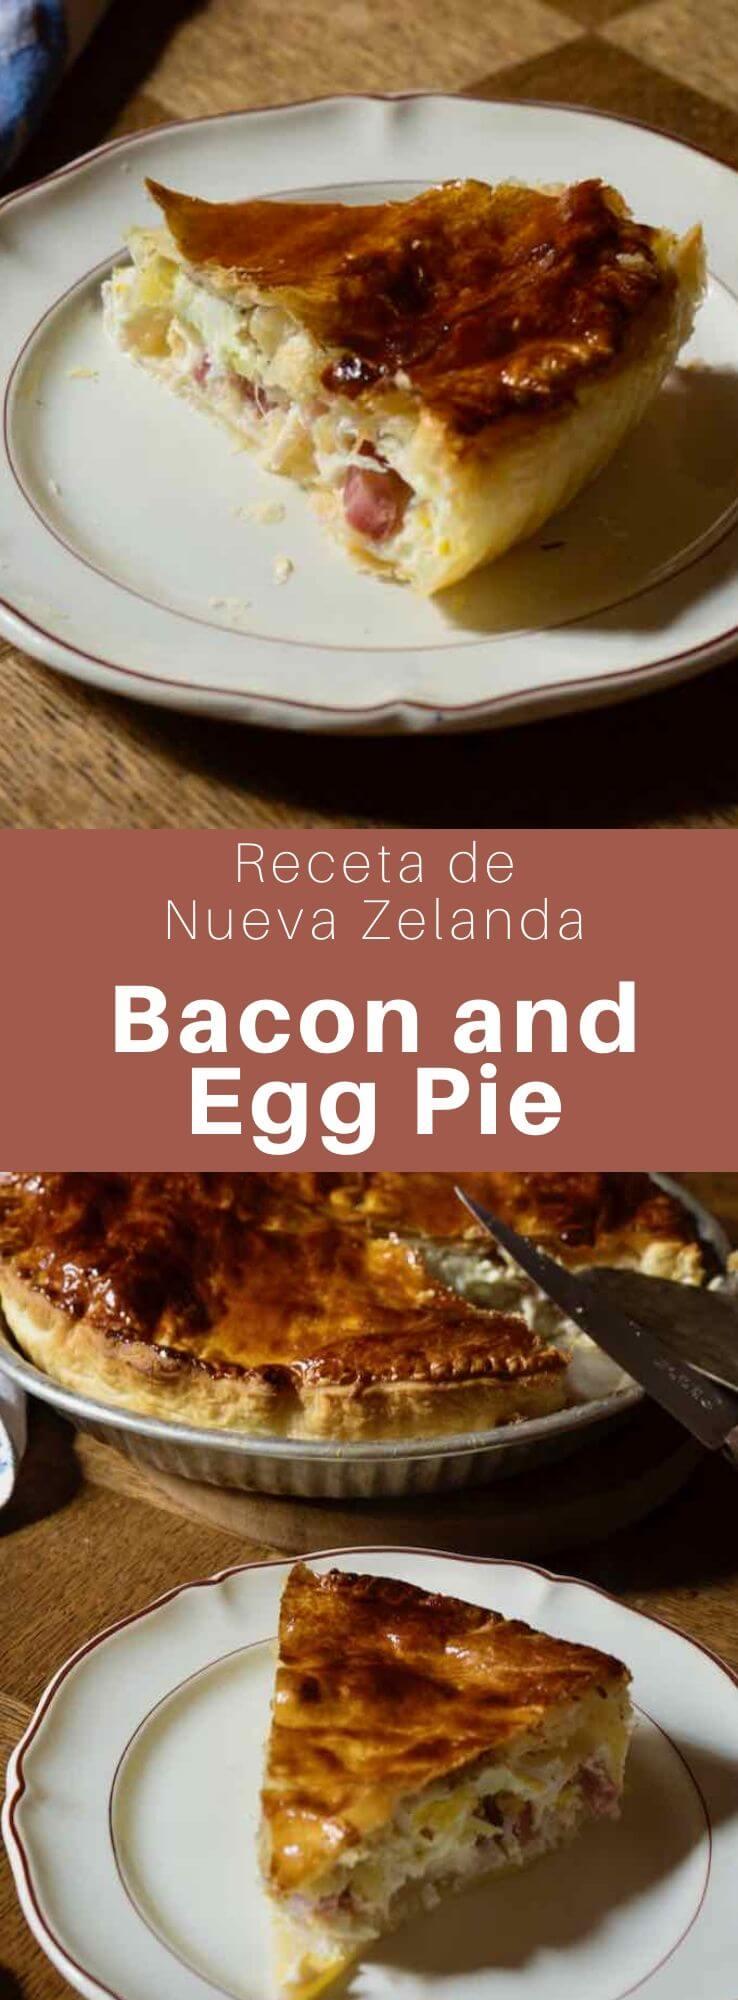 El bacon and egg pie es una tarta salada tradicional de Nueva Zelanda hecha con una corteza de hojaldre que contiene principalmente tocino y huevos.